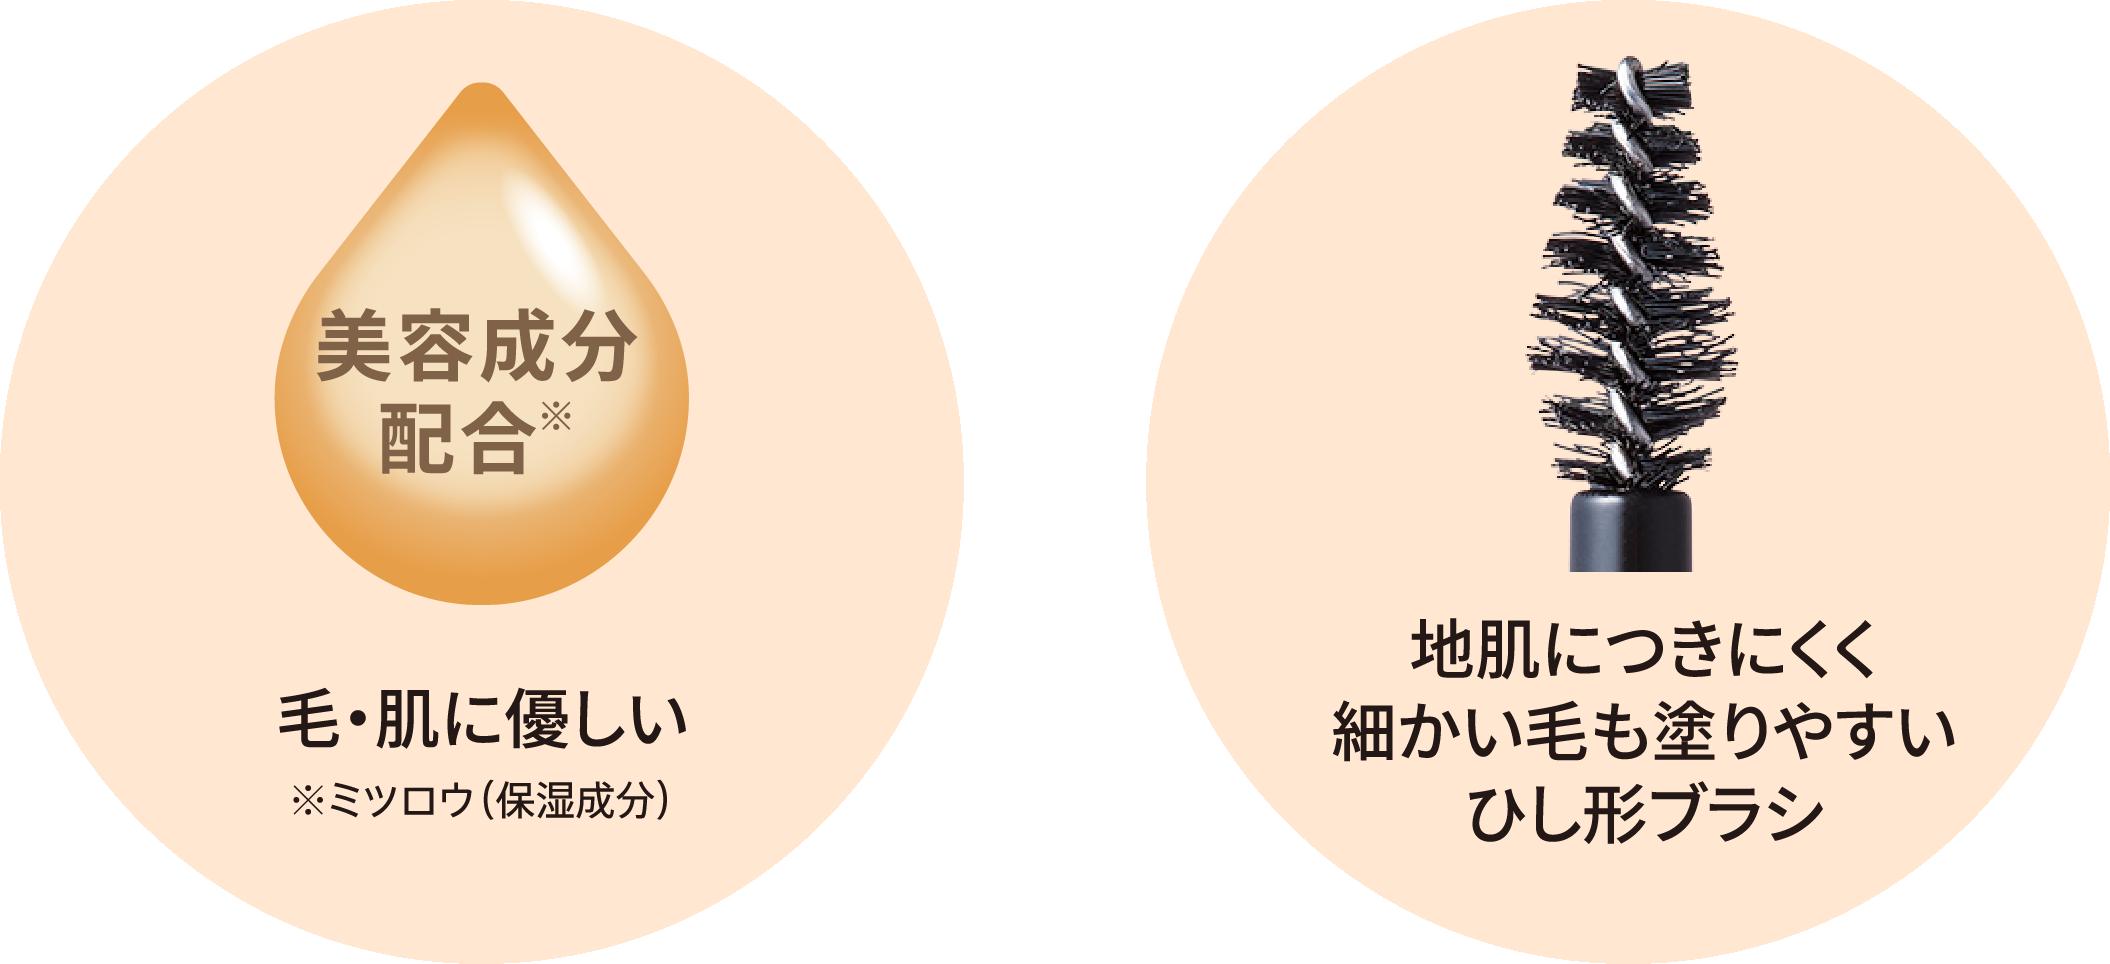 美容成分 配合※ 毛・肌に優しい ※ミツロウ(保湿成分) 地肌につきにくく 細かい毛も塗りやすい ひし形ブラシ